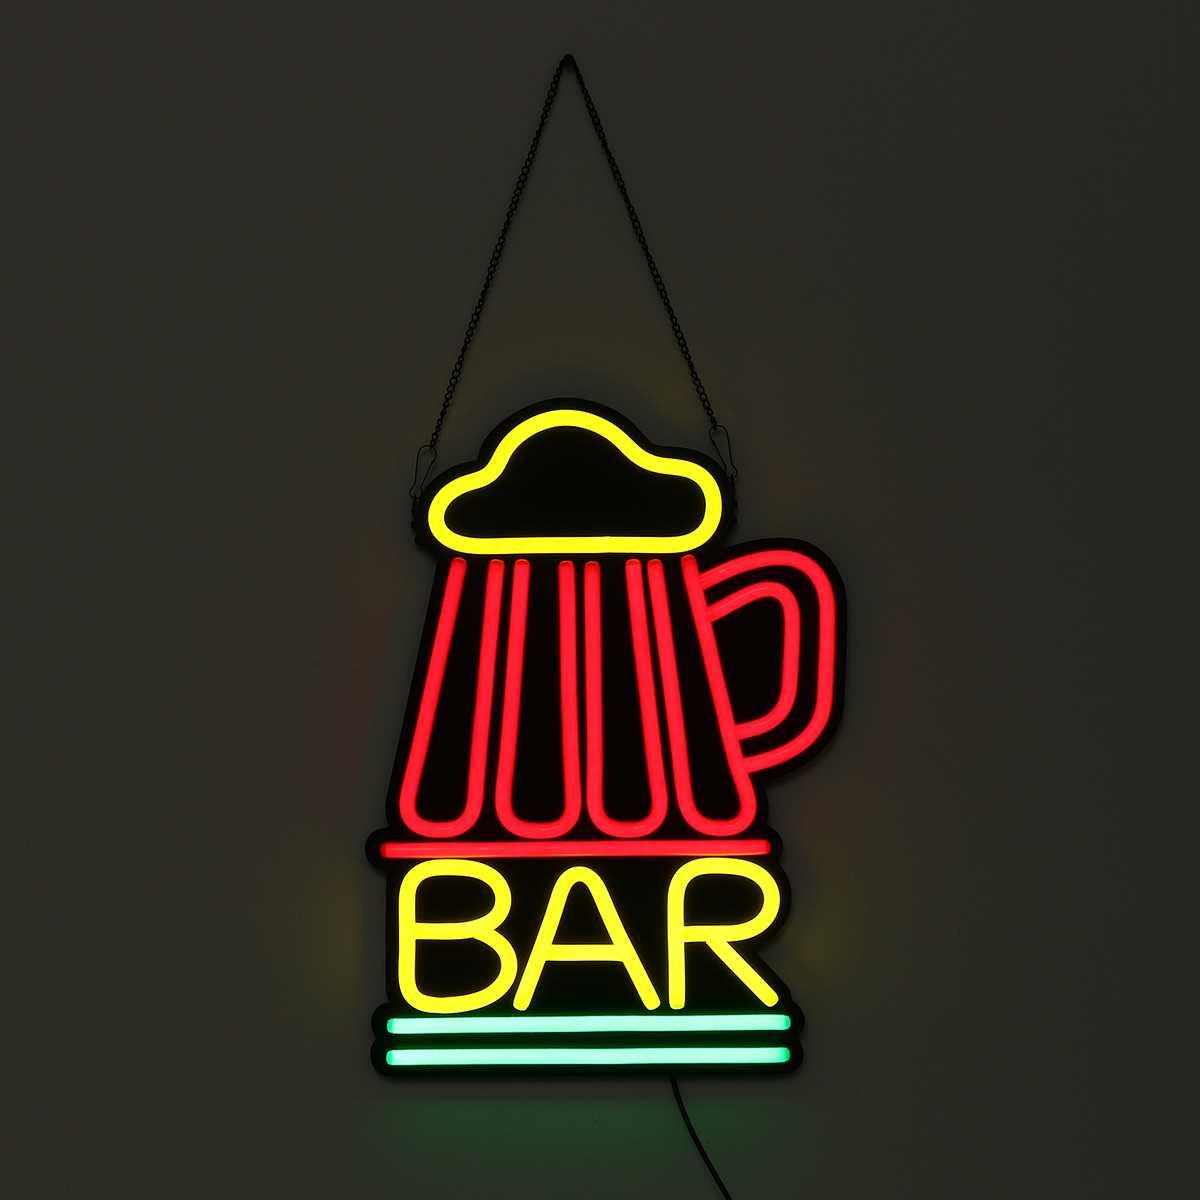 Barre néon signe lumière LED Tube à la main illustration visuelle BAR Club KTV décoration murale éclairage Commercial coloré néon ampoules